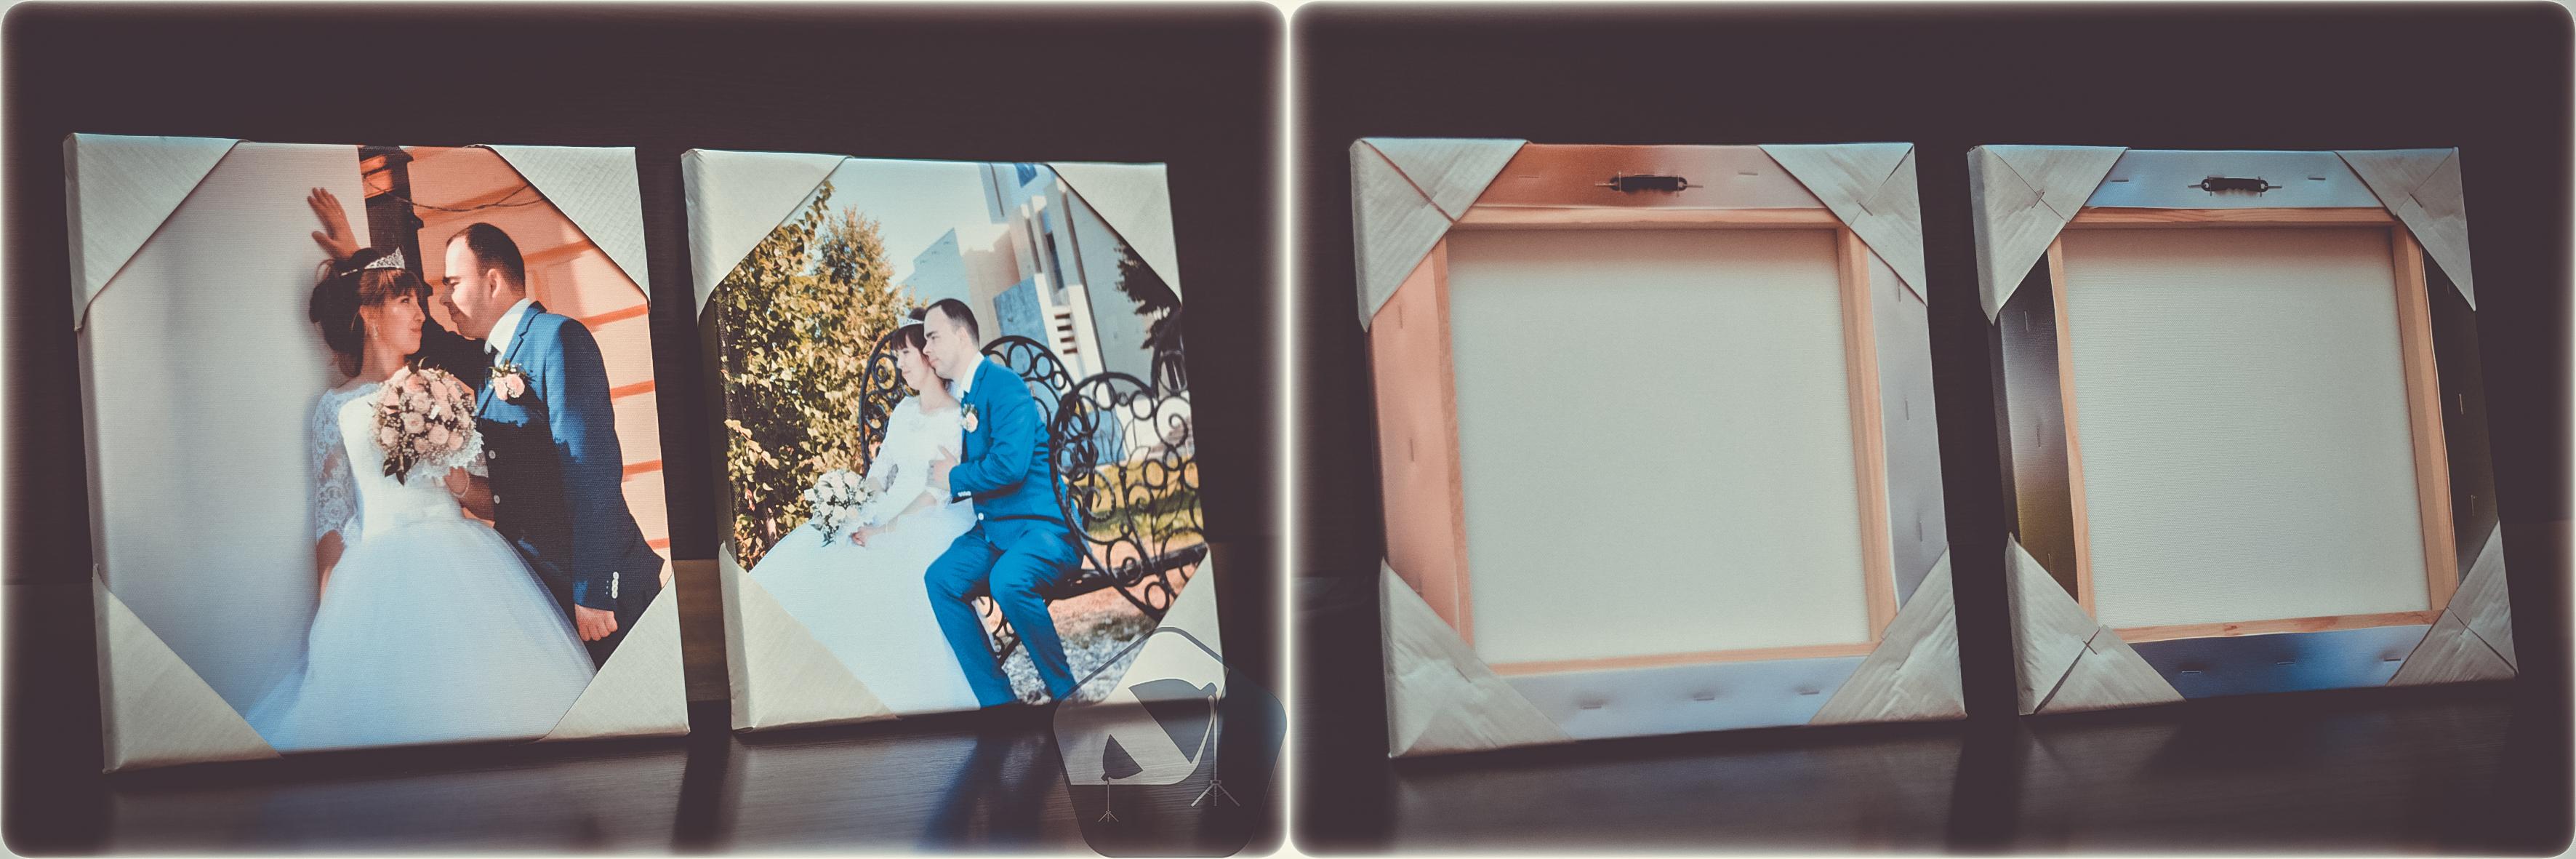 Печать на холстах. Фотоподарки Иваново. Фотокартины. Натяжка на подрамник. Изготовление холстов. Бесплатная доставка по городу. Быстрые сроки изготовления.